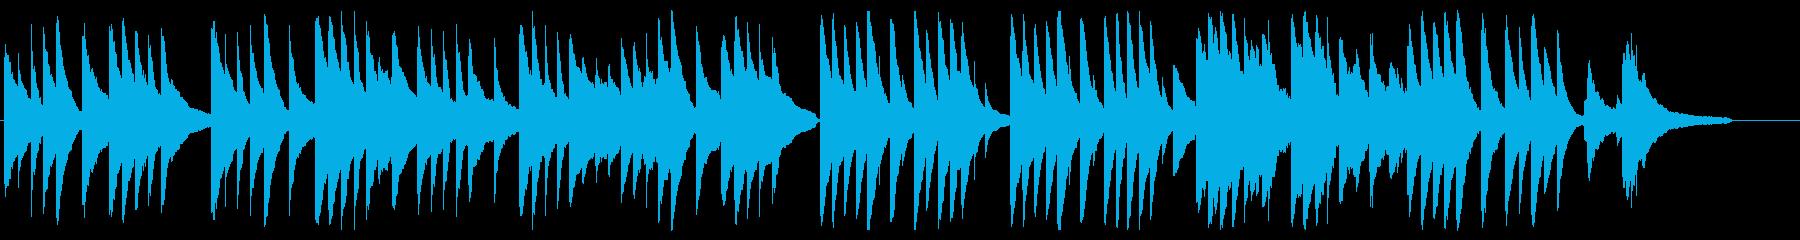 月の光に ピアノver.の再生済みの波形